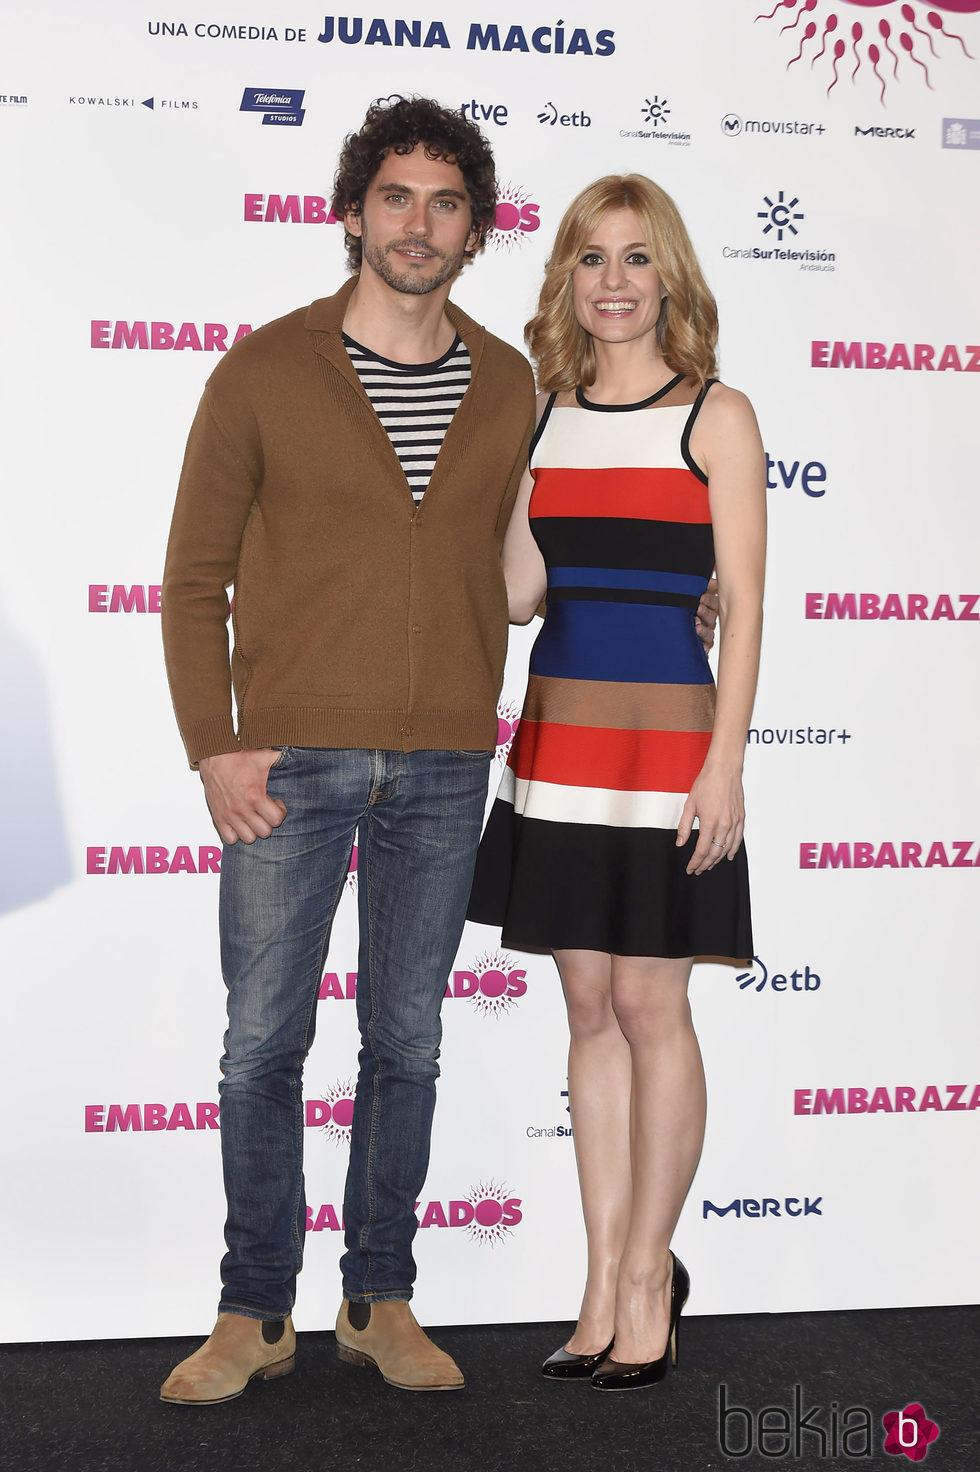 Paco León y Alexandra Jiménez en la presentación de 'Embarazados'